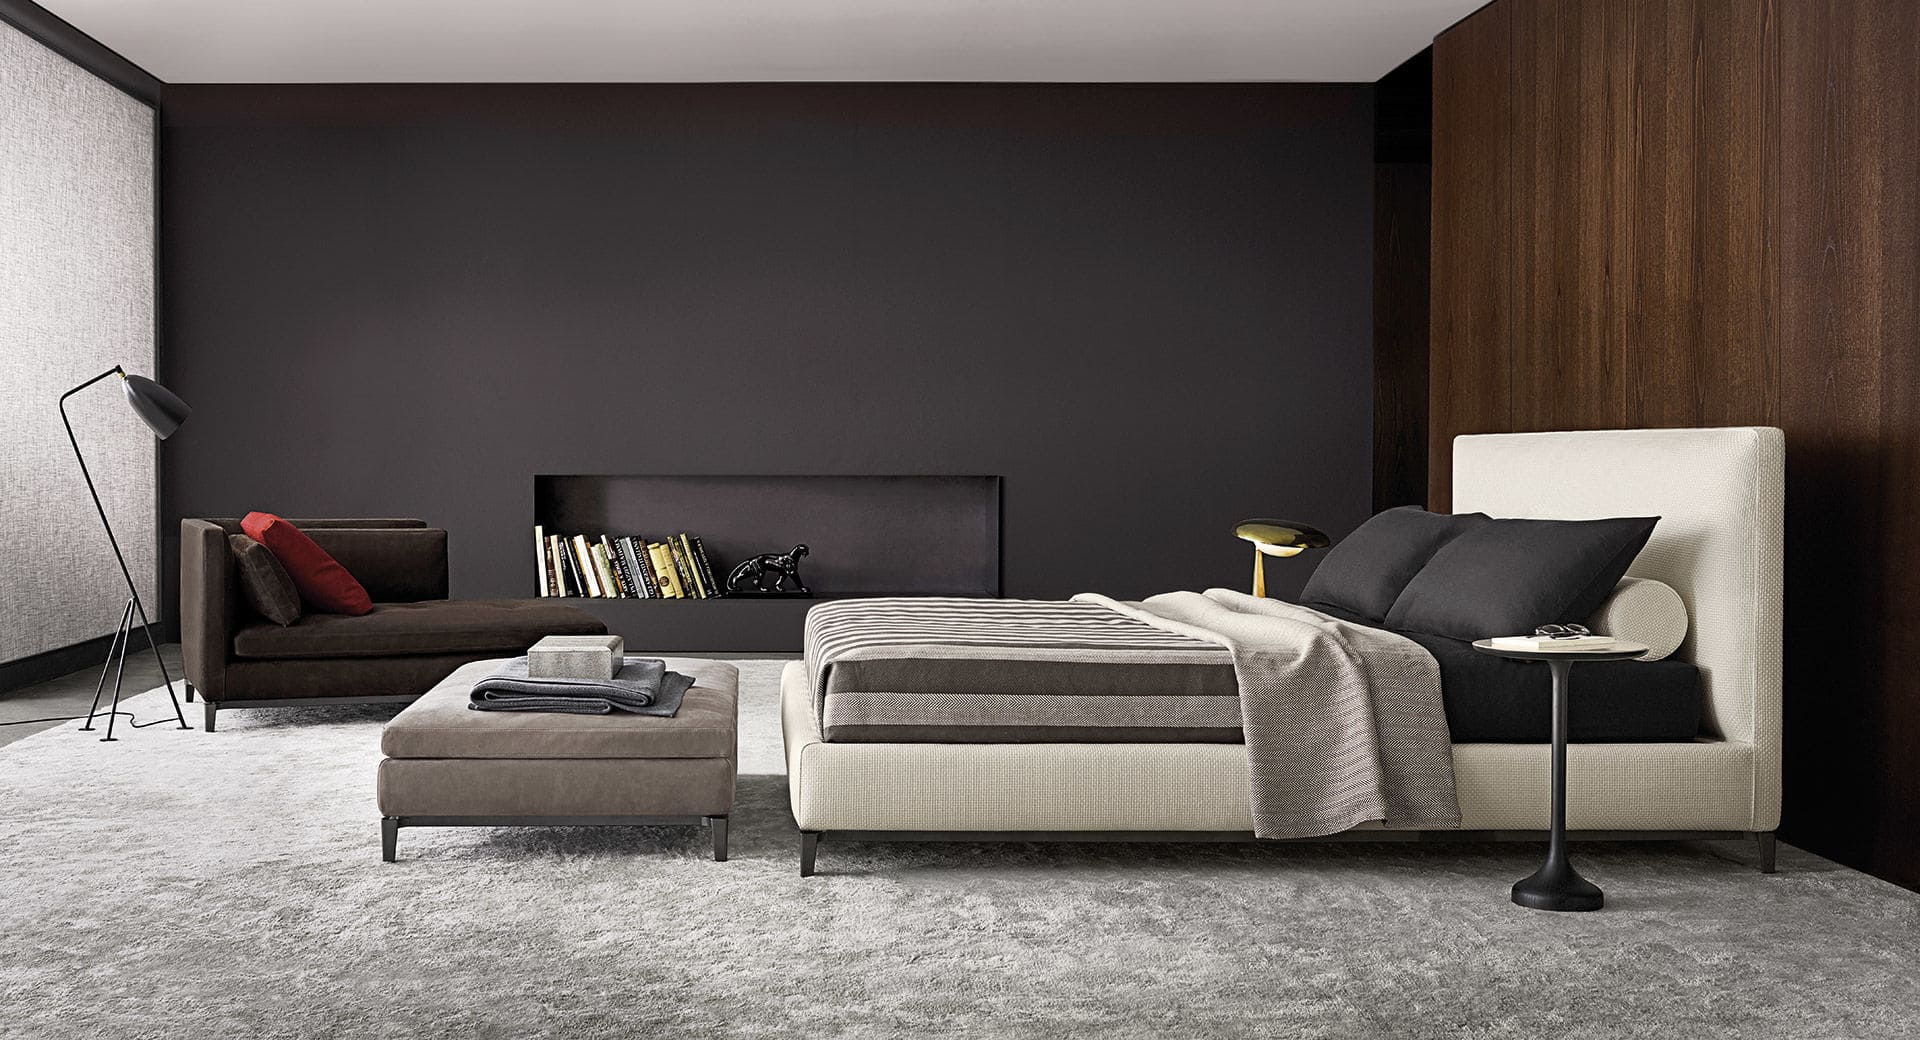 Sfera design Minotti bedroom furniture Andersen Bed